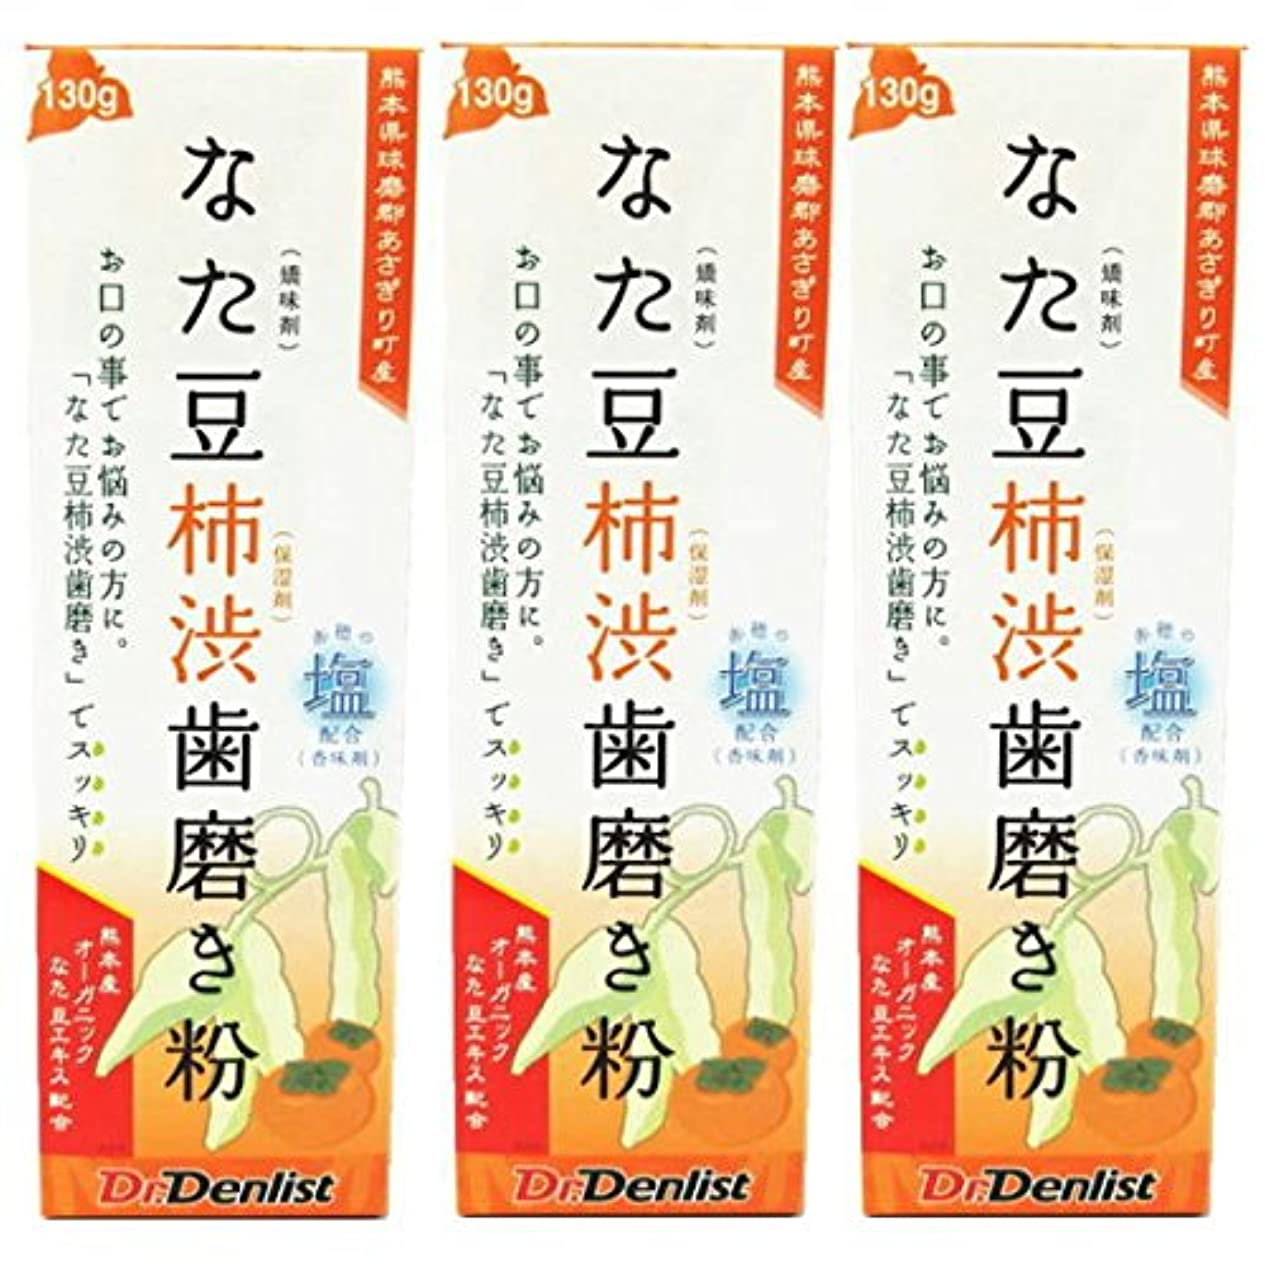 大工補助金ダンスなた豆柿渋歯磨き 130g 3個セット 国産 有機なた豆使用 赤穂の塩配合(香味剤)